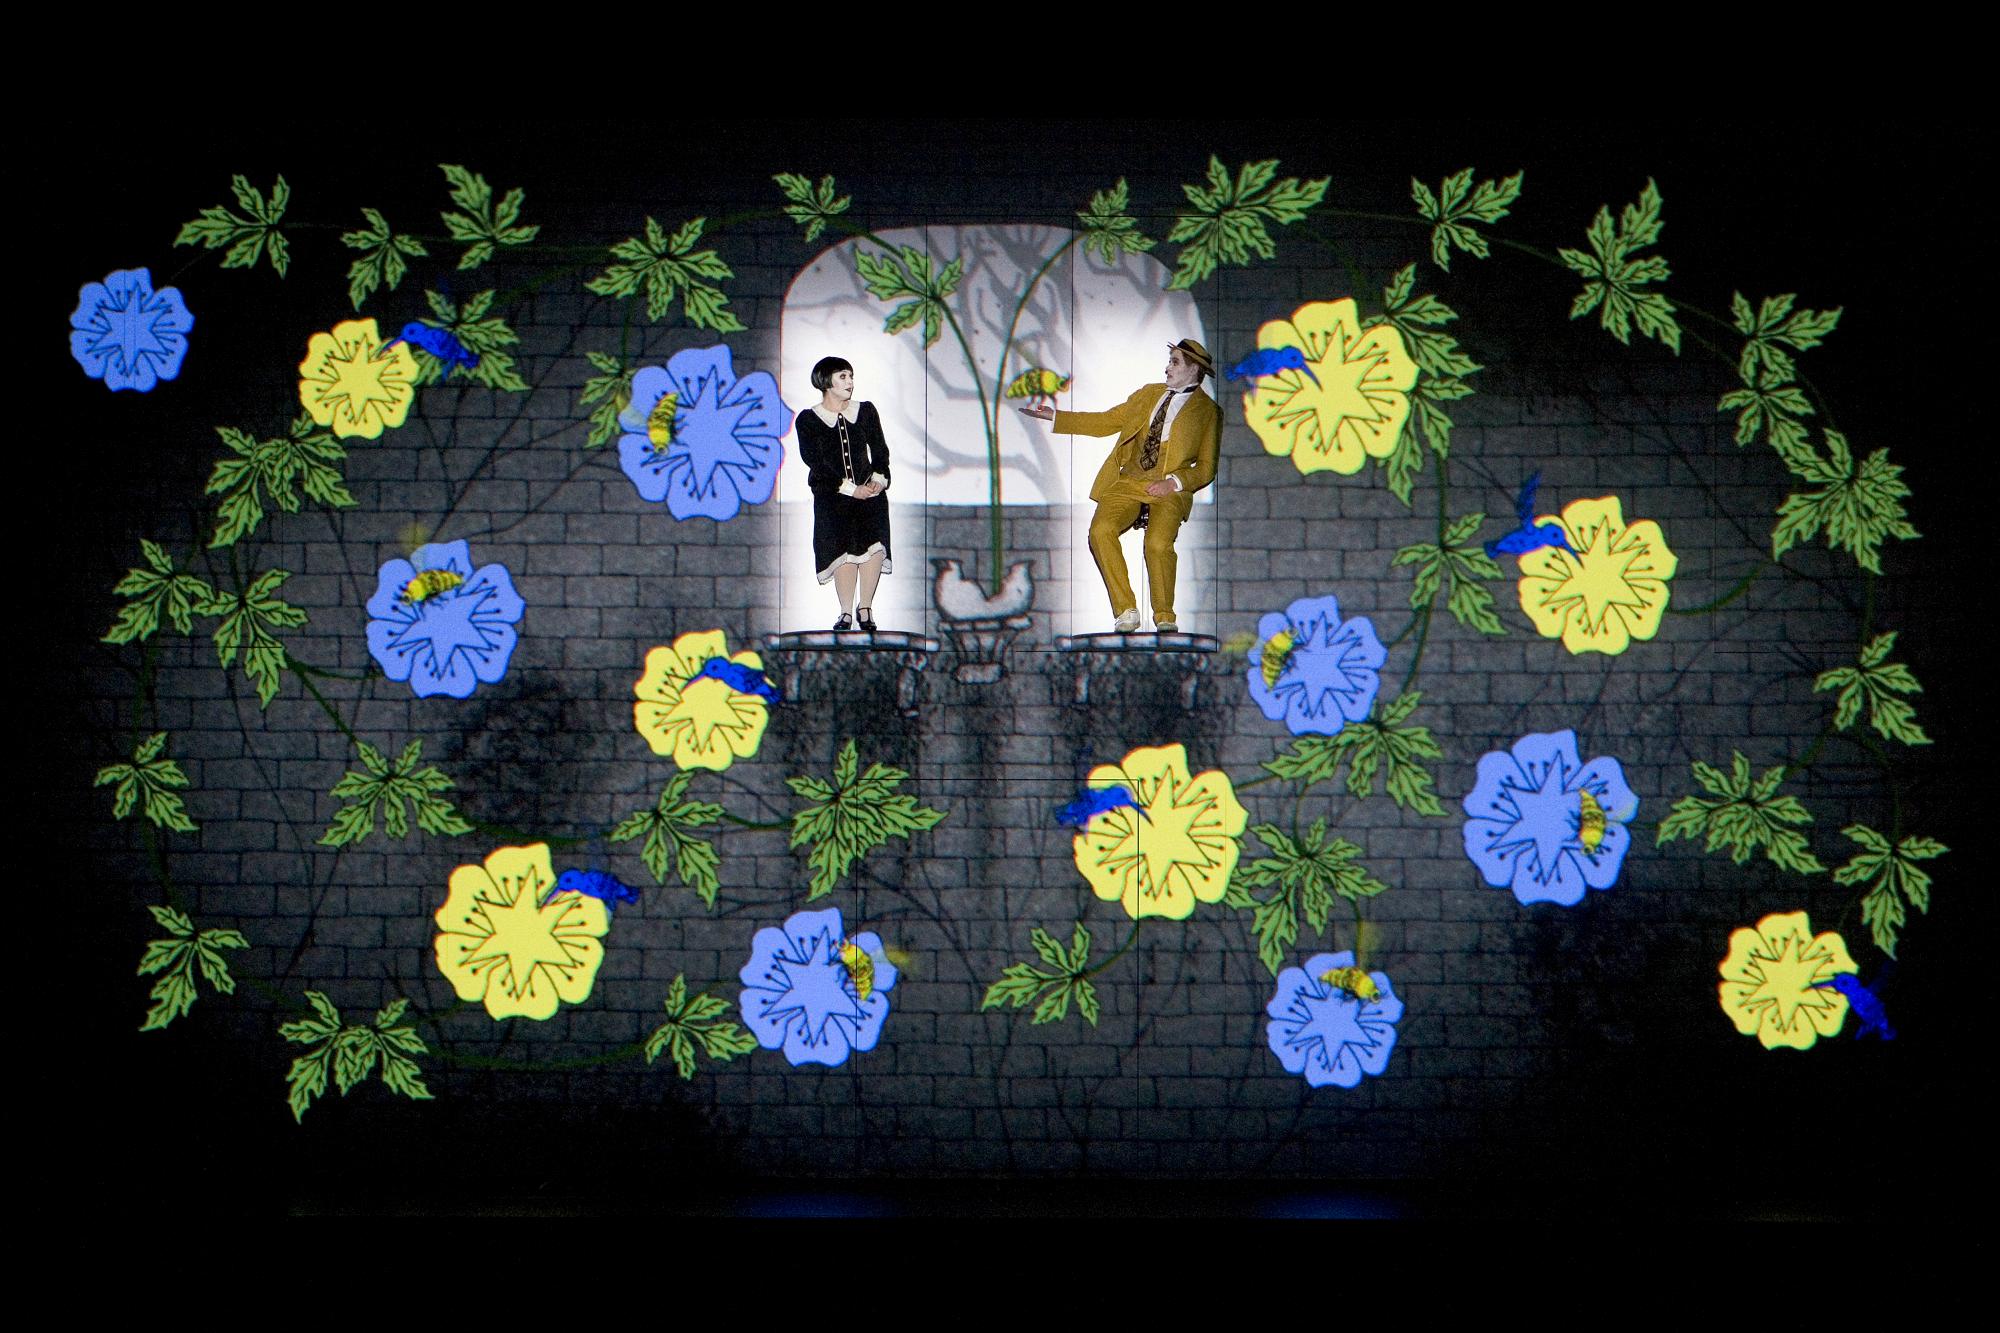 劇照:莫札特歌劇《魔笛》